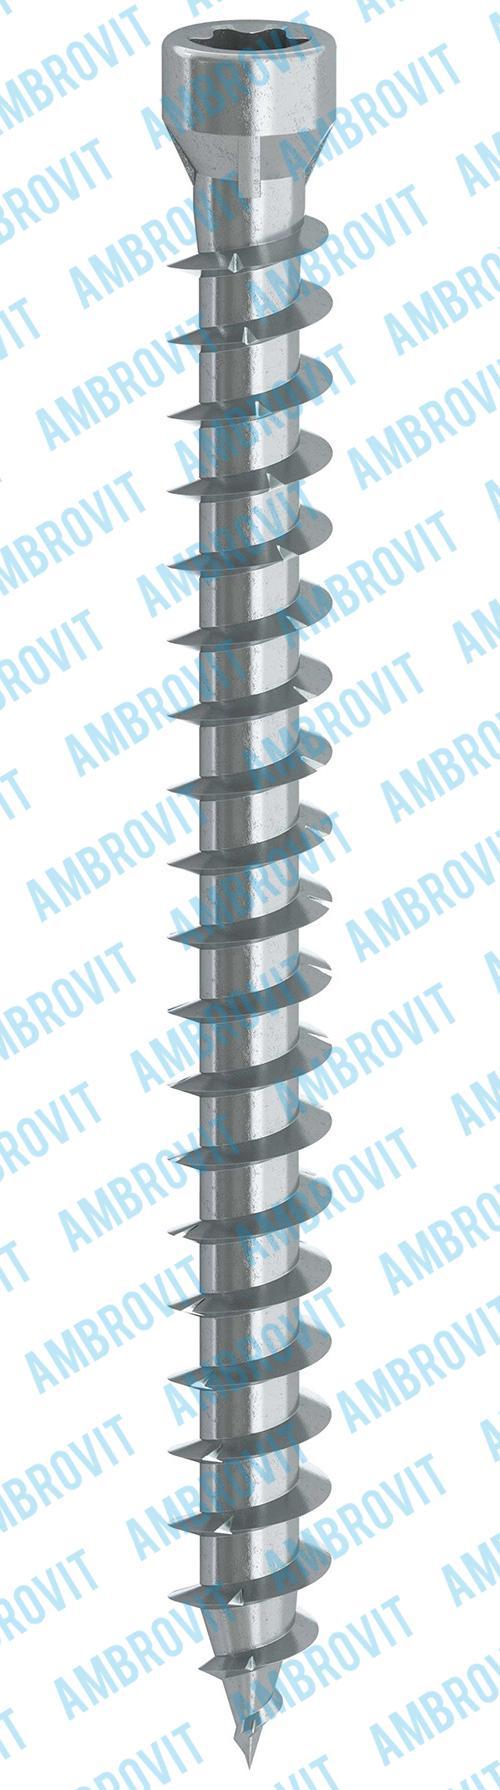 Viti per calcestruzzo testa cilindrica ridotta TX diametro 5 mm